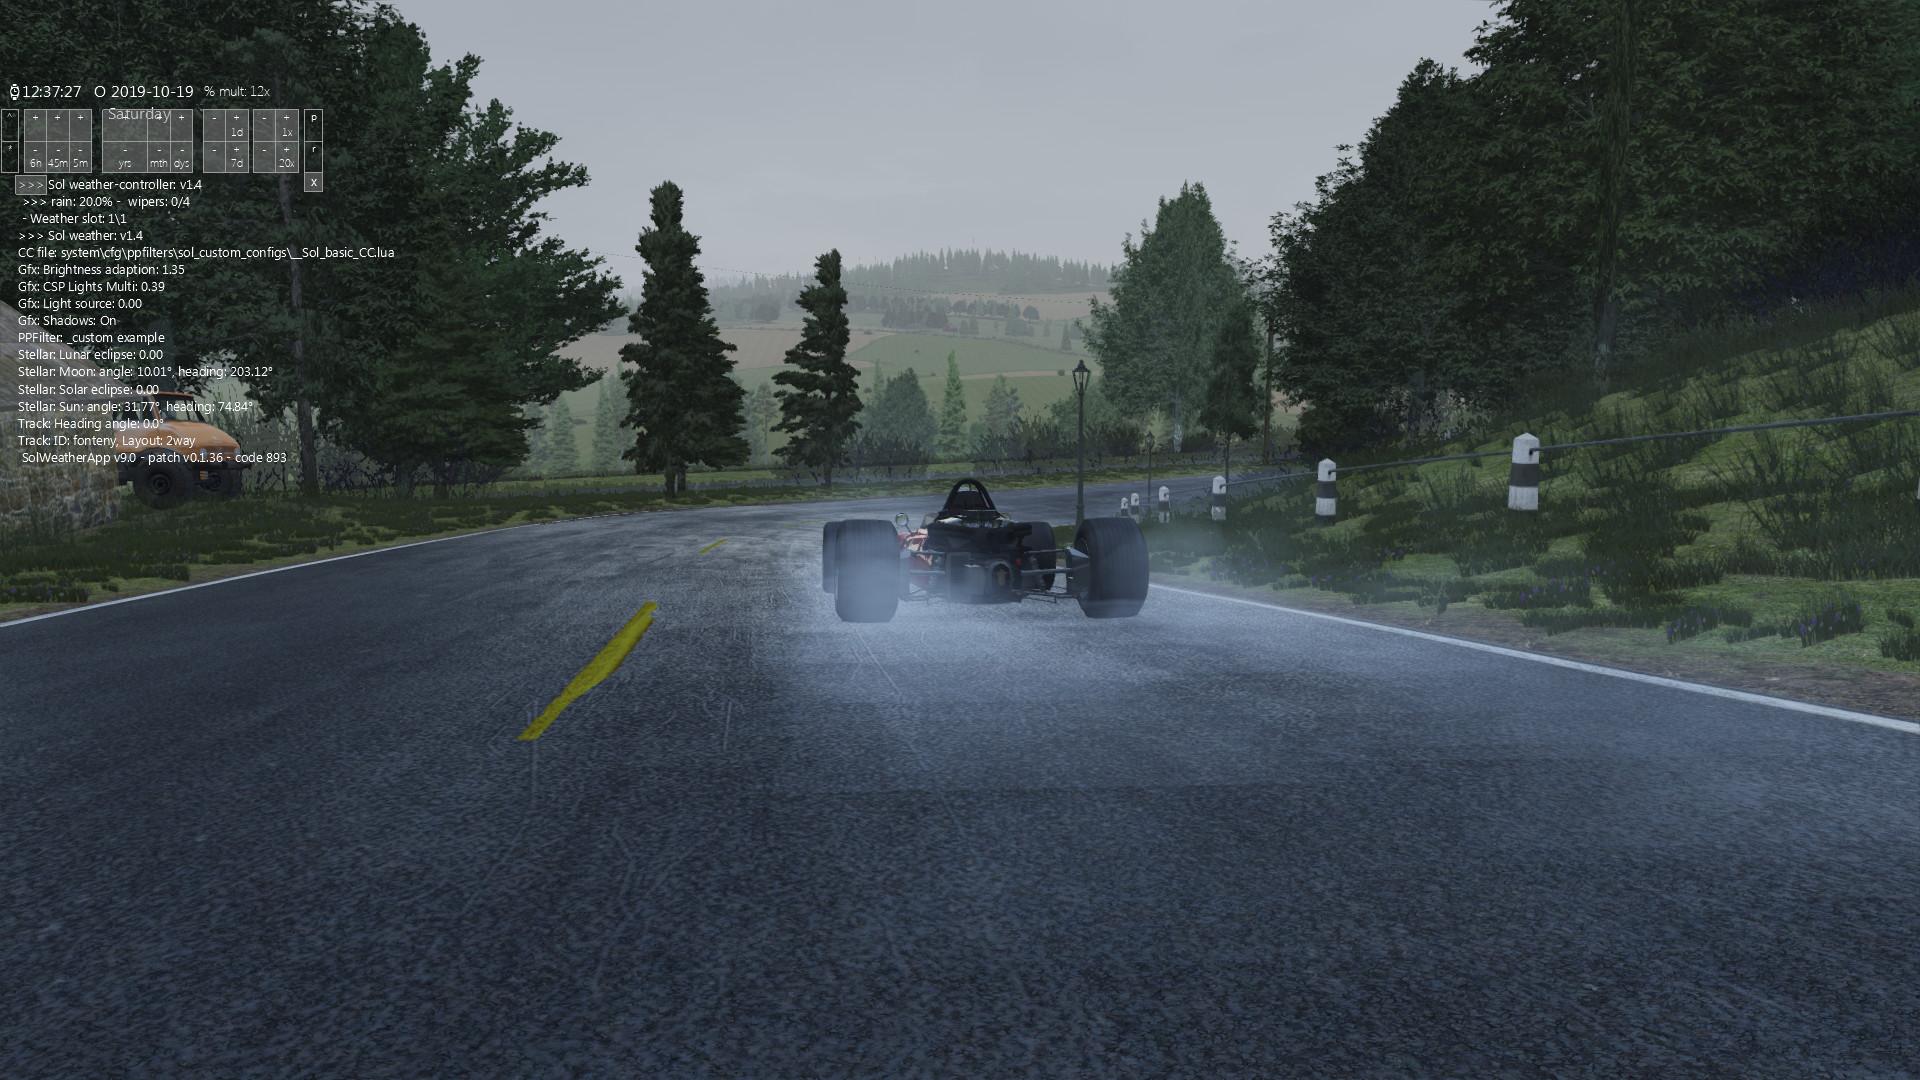 spray2.jpg